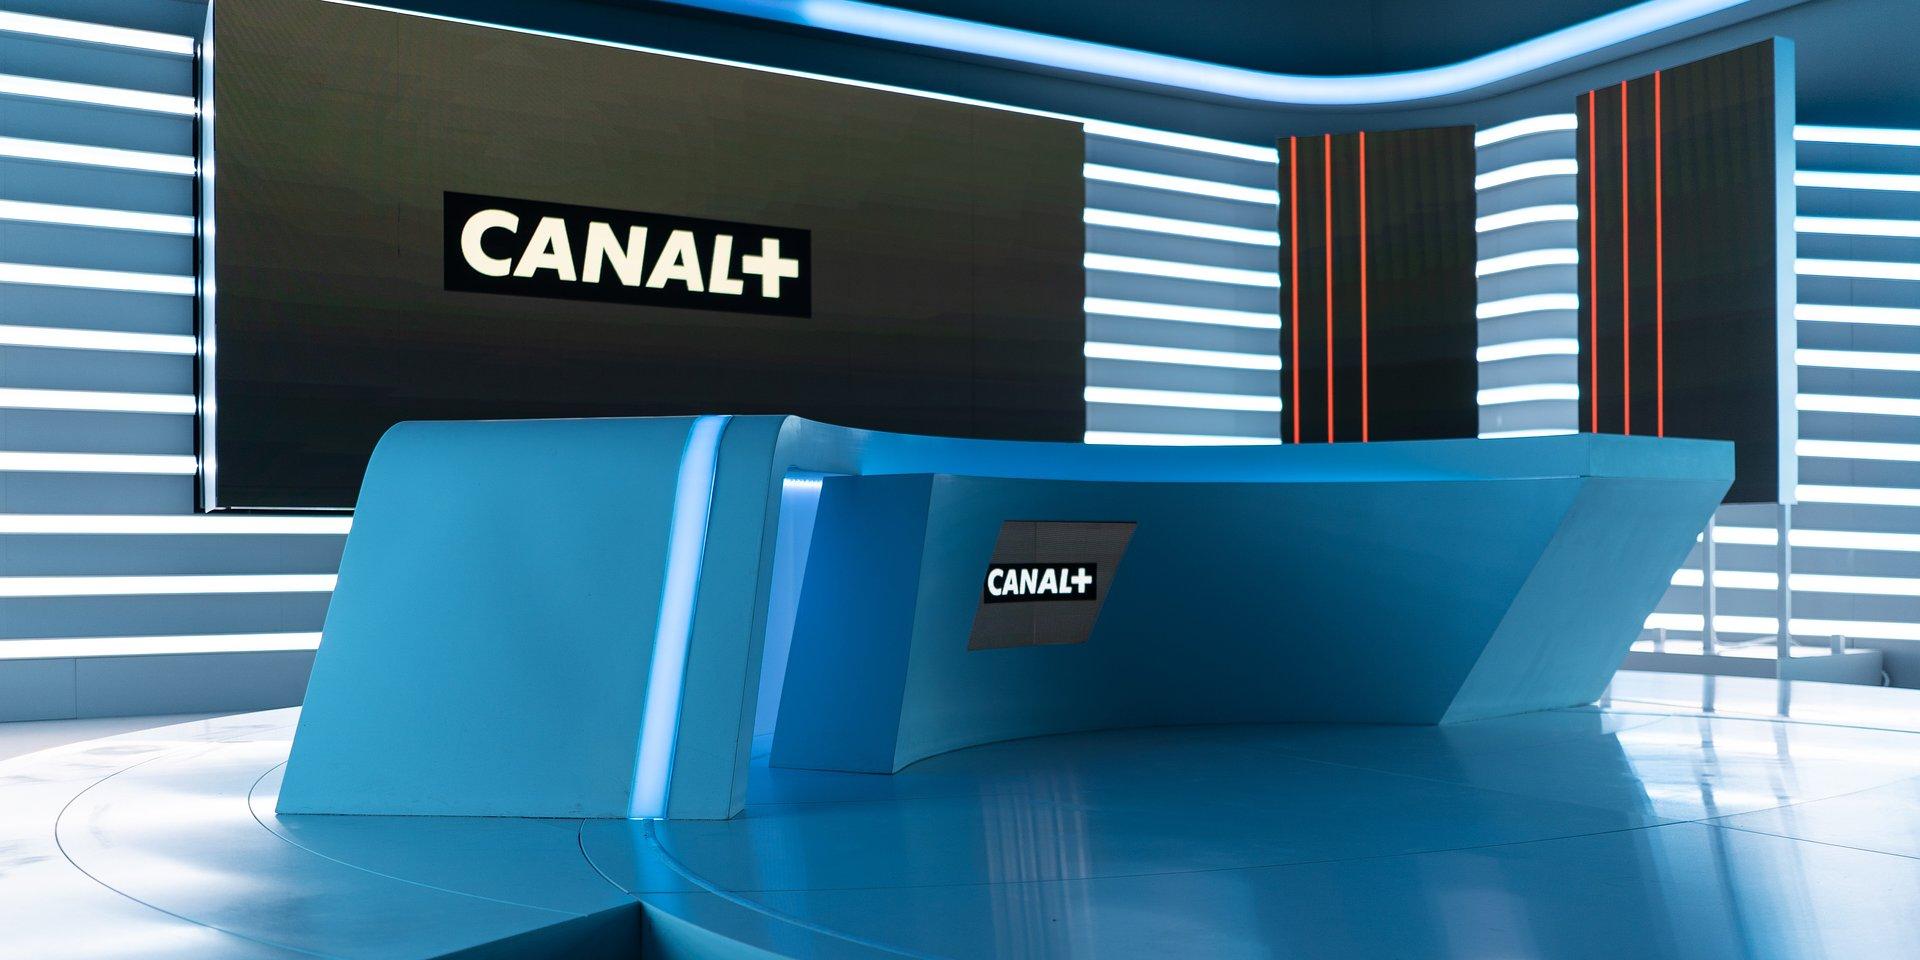 CANAL+ zaprezentował nowe studio telewizyjne